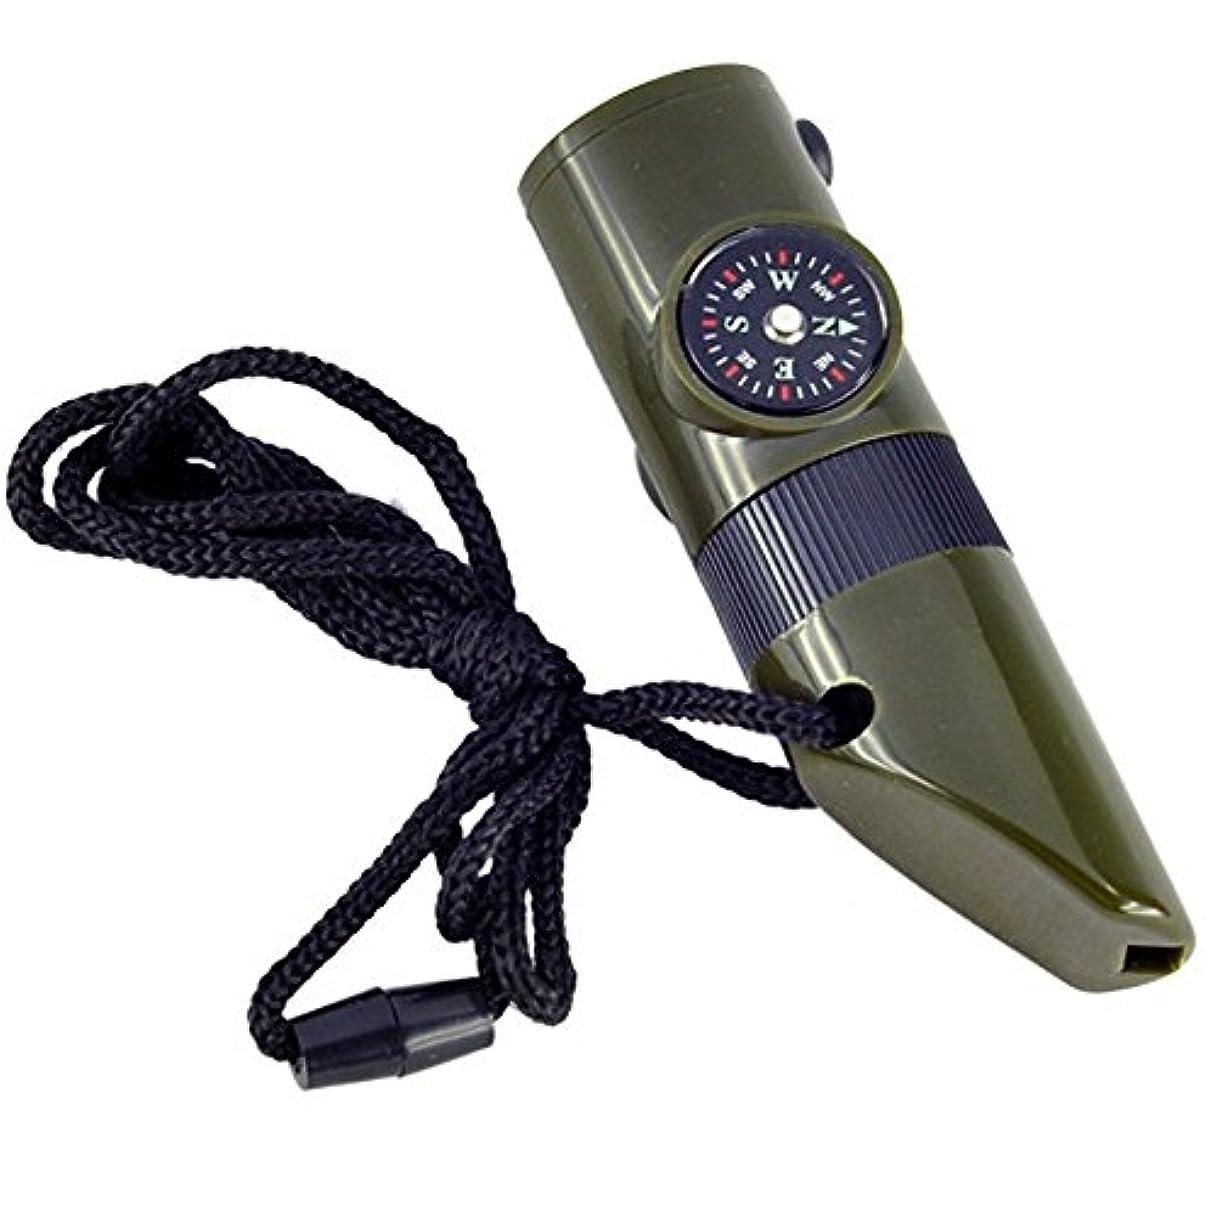 影麻酔薬アーネストシャクルトンホイッスル,SODIAL(R)7イン1 ミリタリースタイルの緊急ホイッスル サバイバルキット コンパス 温度計LCD